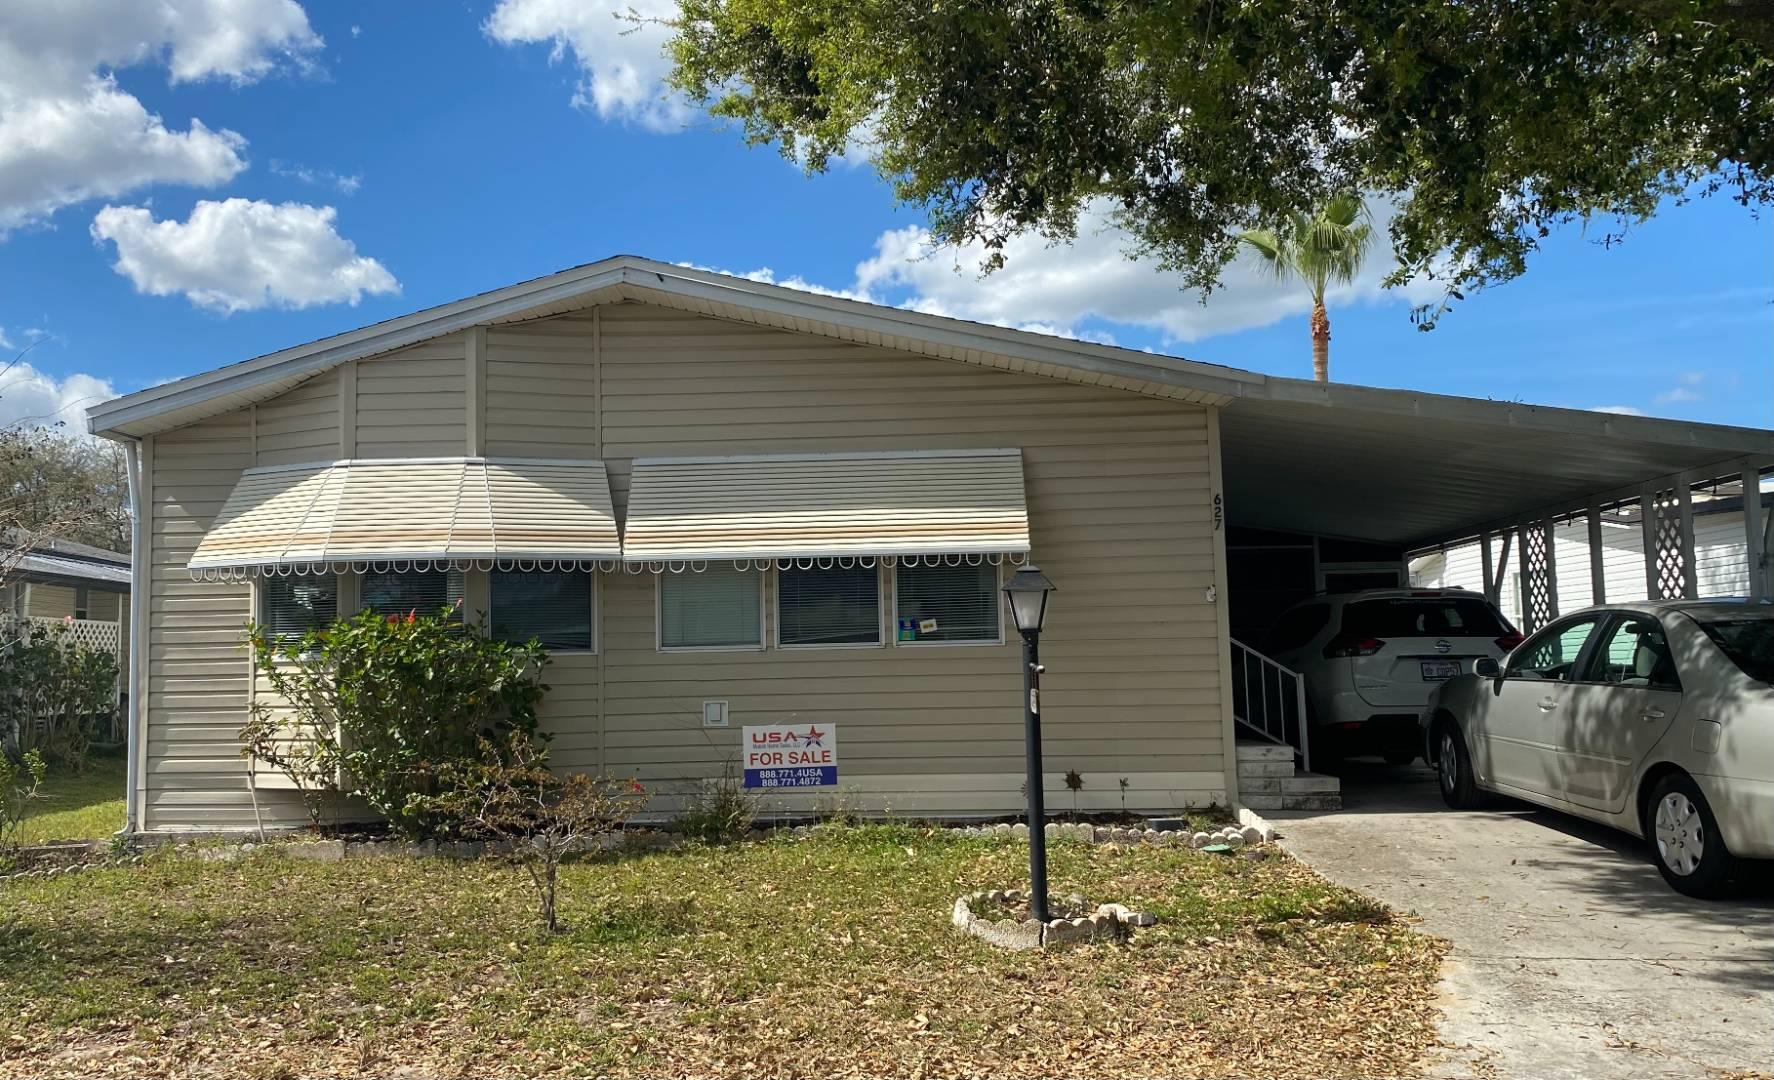 627 Klickety Klak Lane, VALRICO, Florida 33594, 2 Bedrooms Bedrooms, ,2 BathroomsBathrooms,Residential,For Sale,627 Klickety Klak Lane,10974065